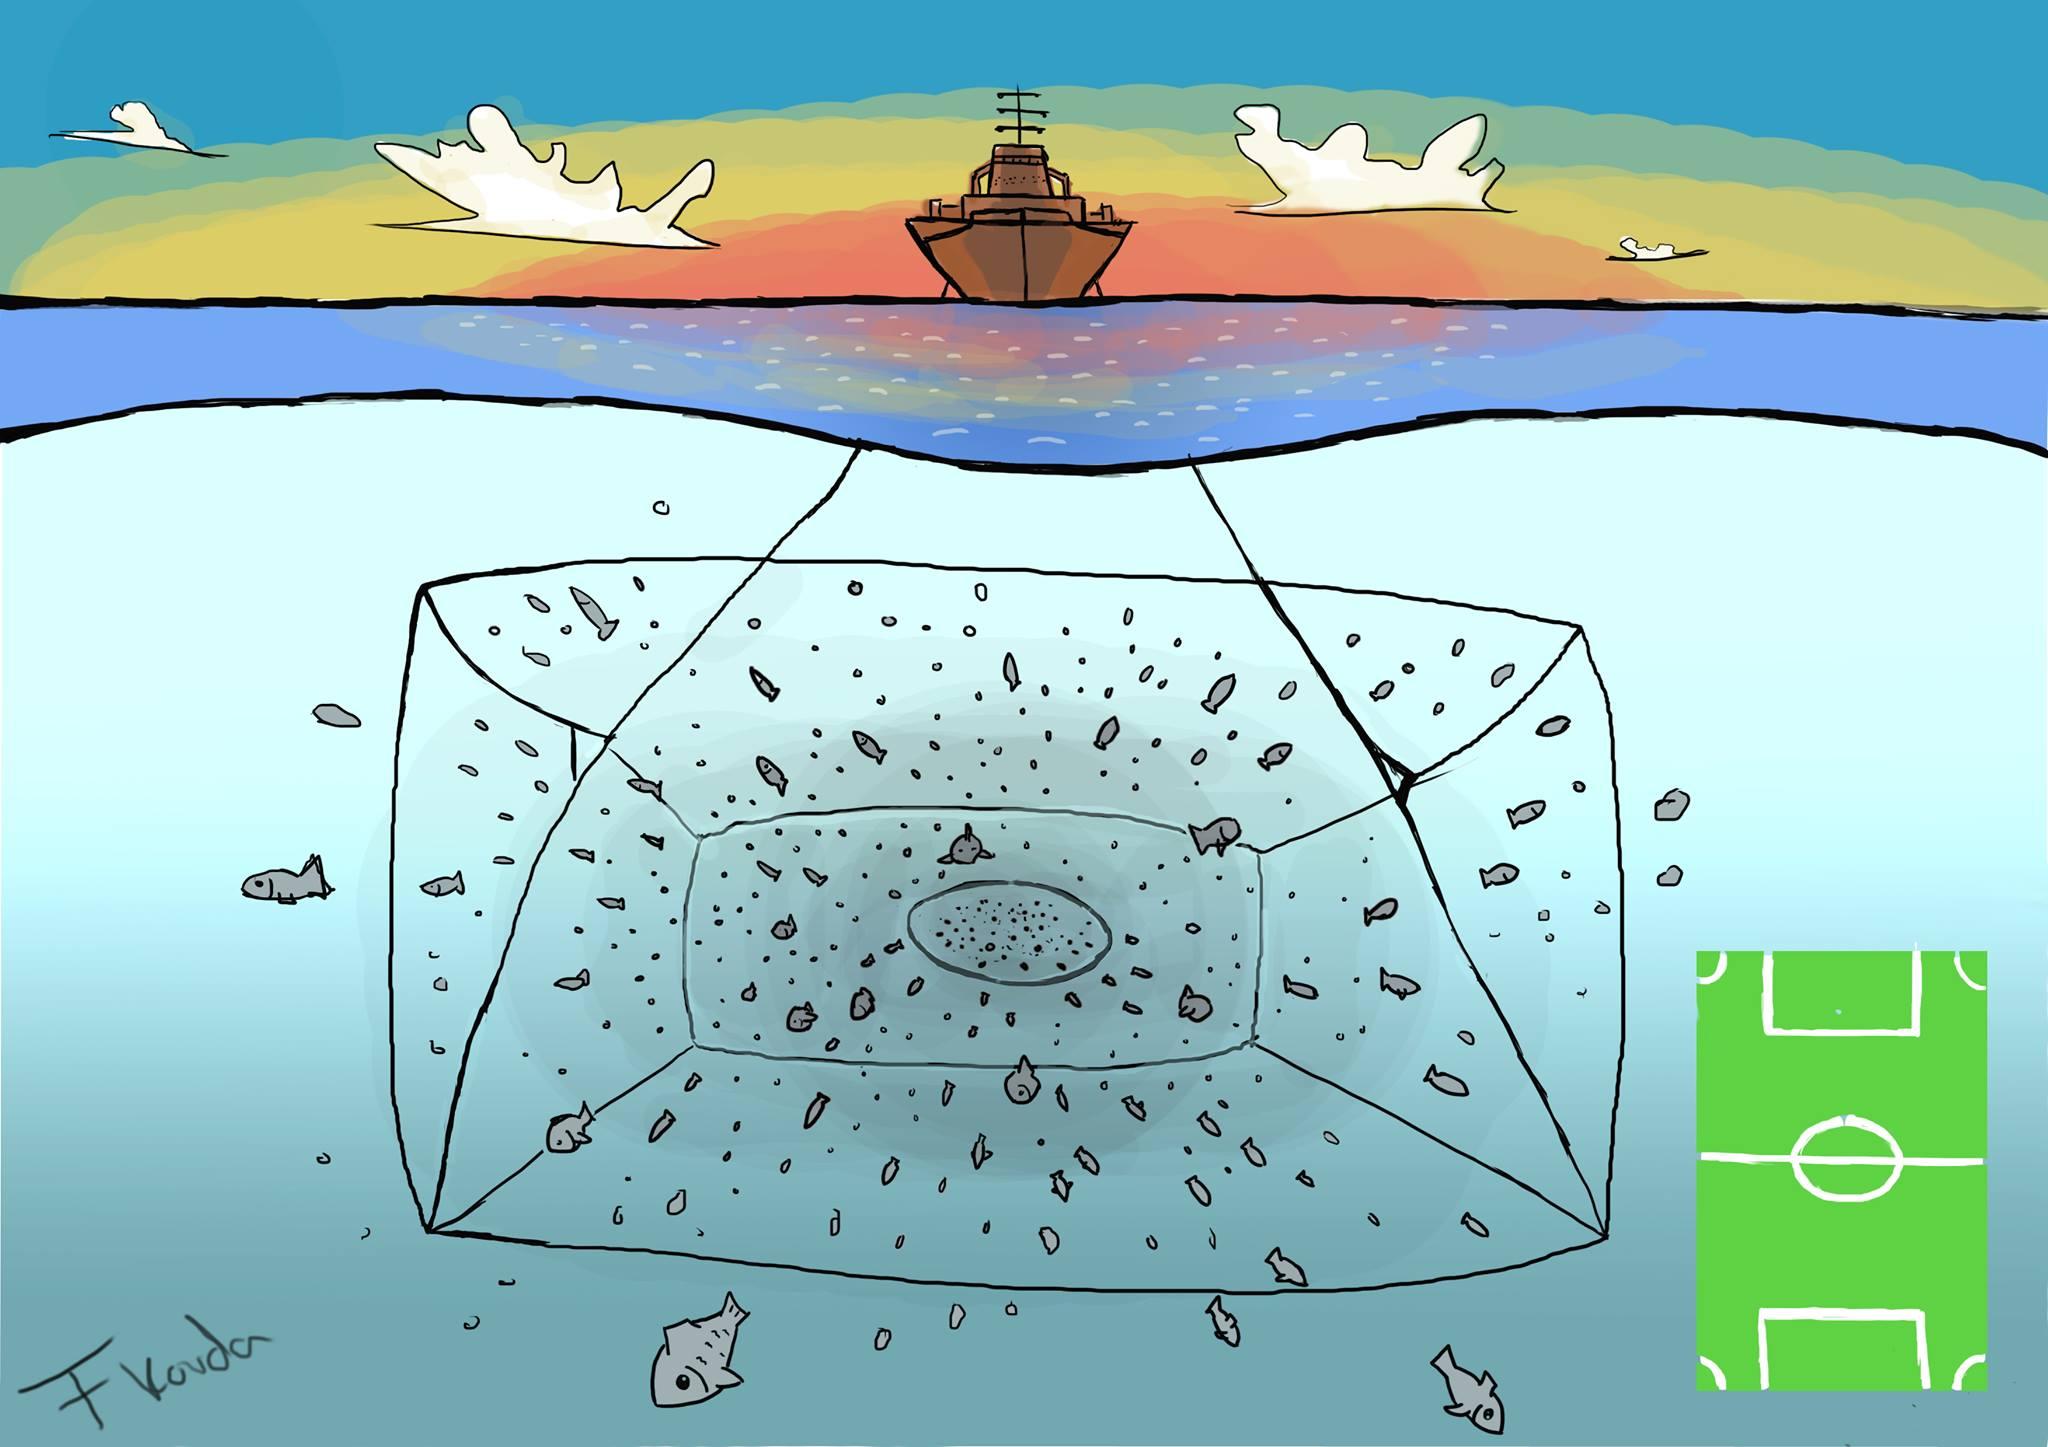 Schleppnetze, Trawlnets